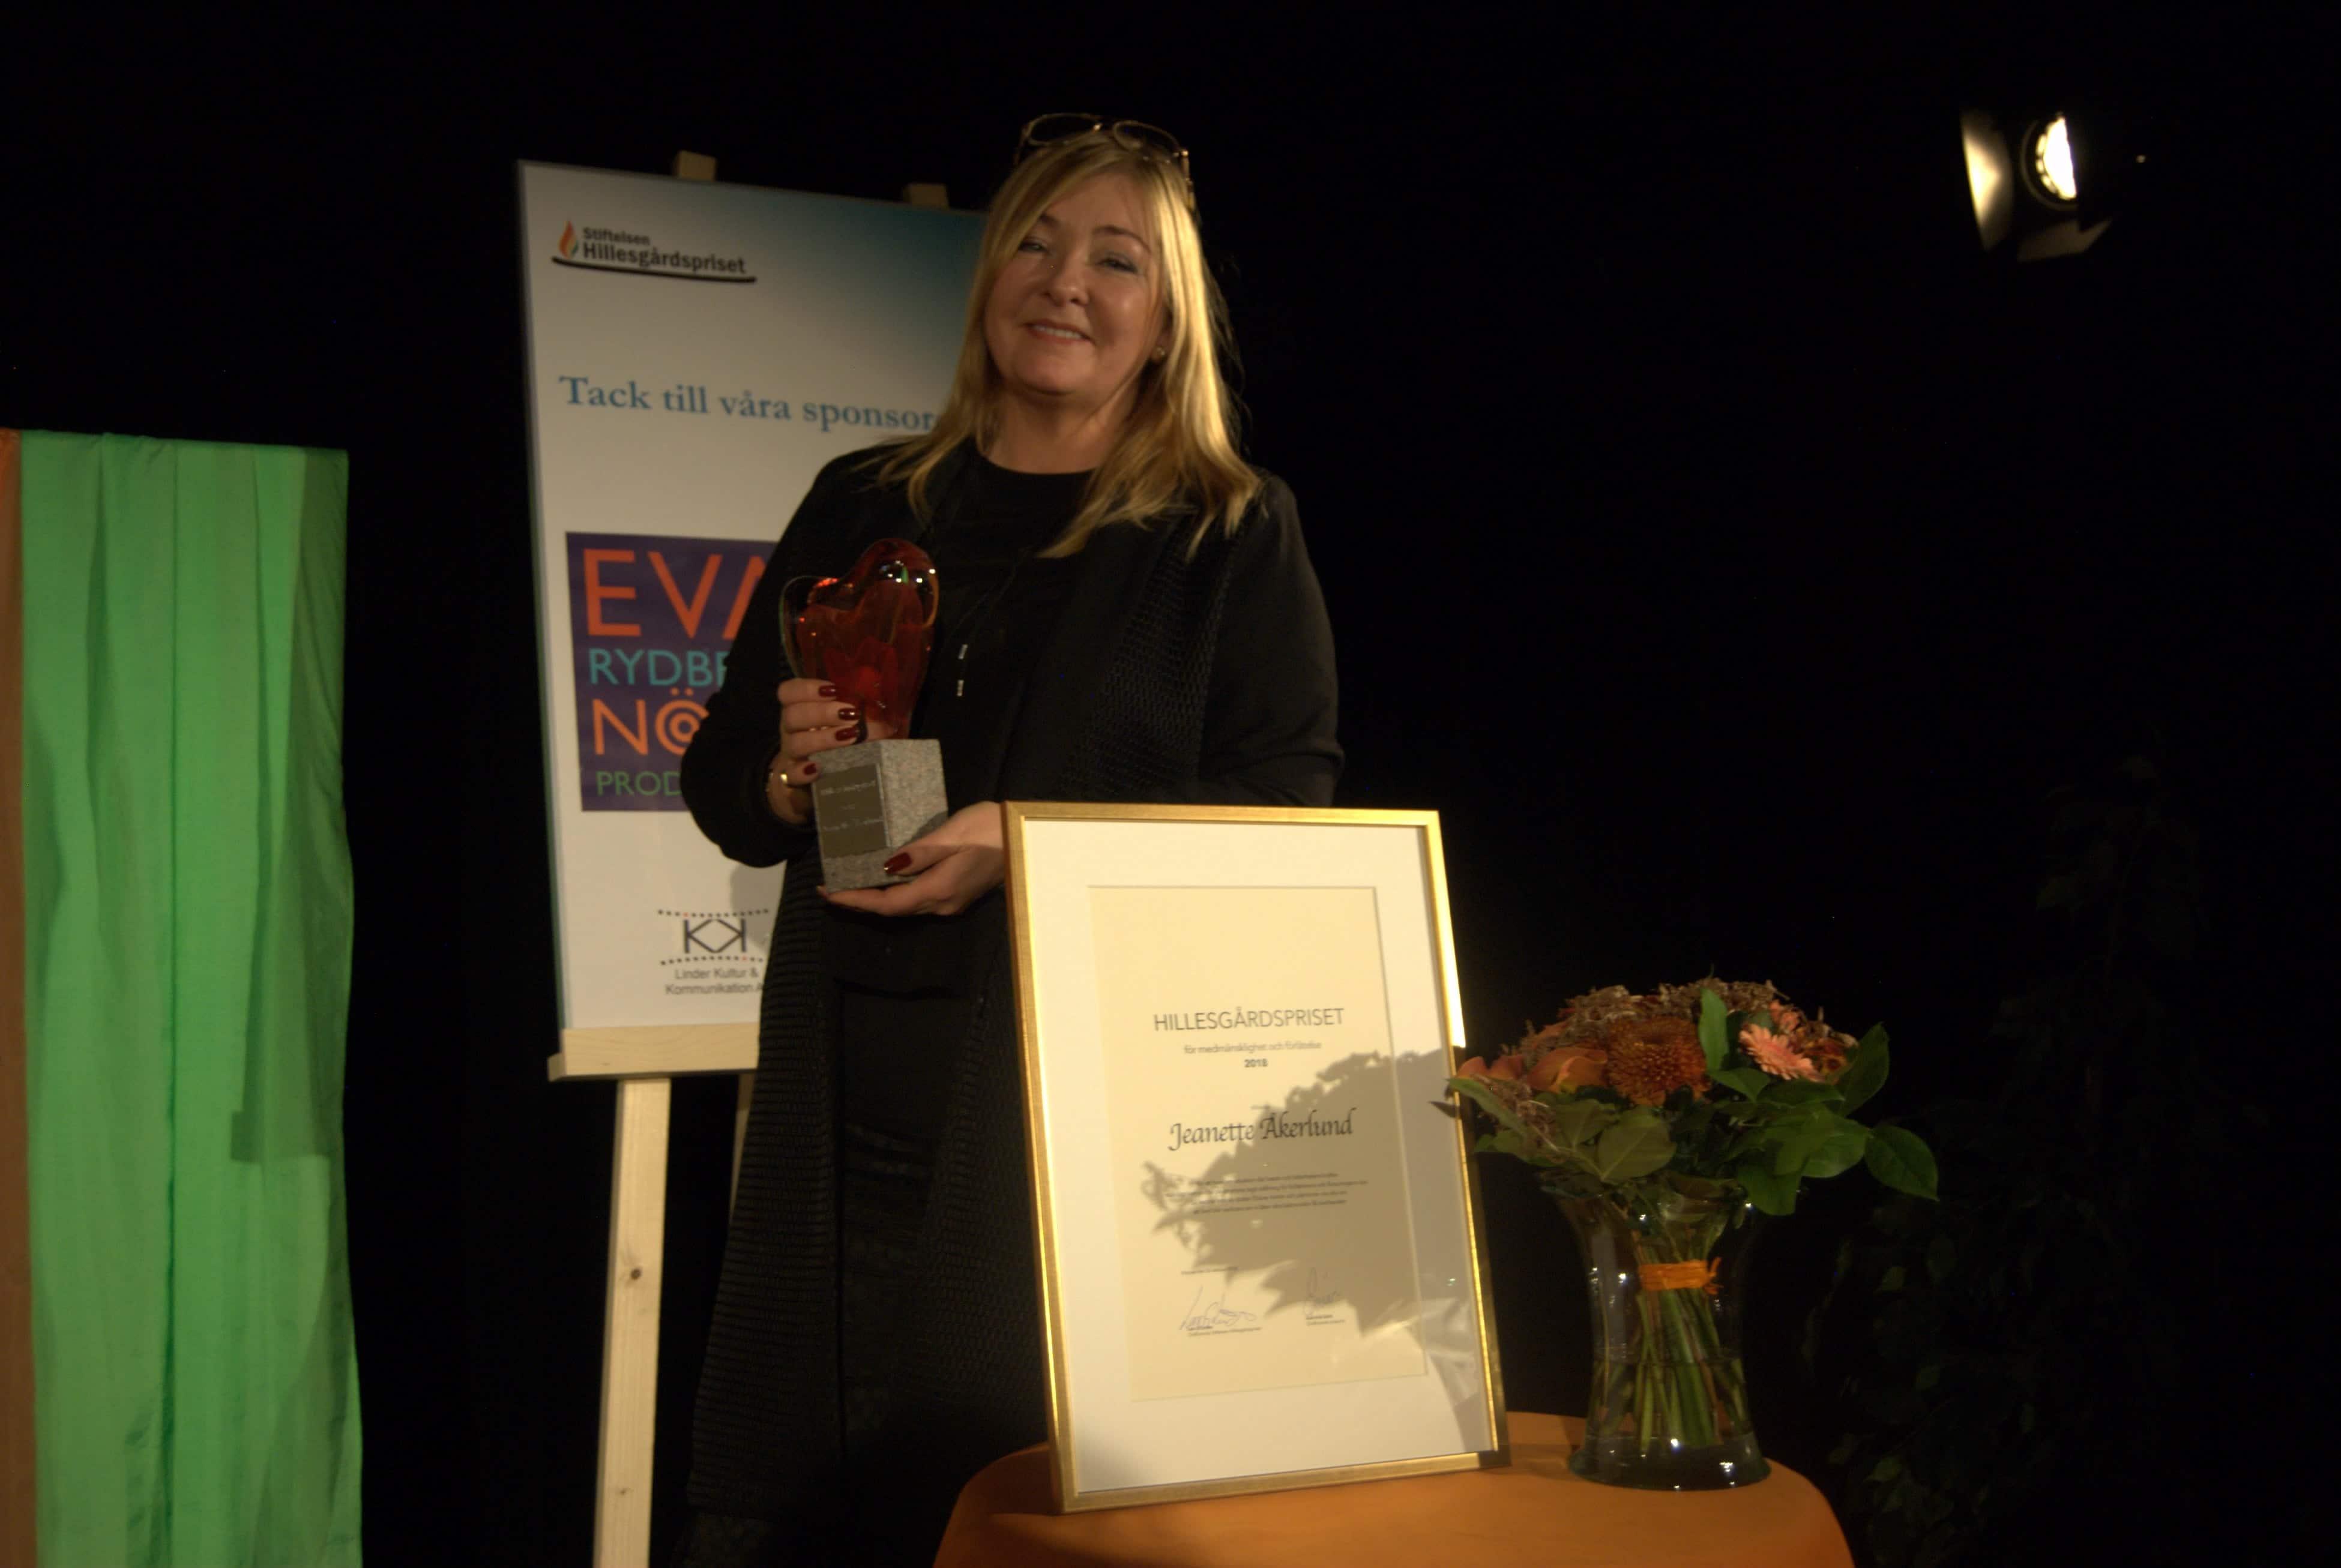 Jeanette Åkerlund, mottagare av Hillesgårdspriset 2018 för medmänsklighet och förlåtelse.